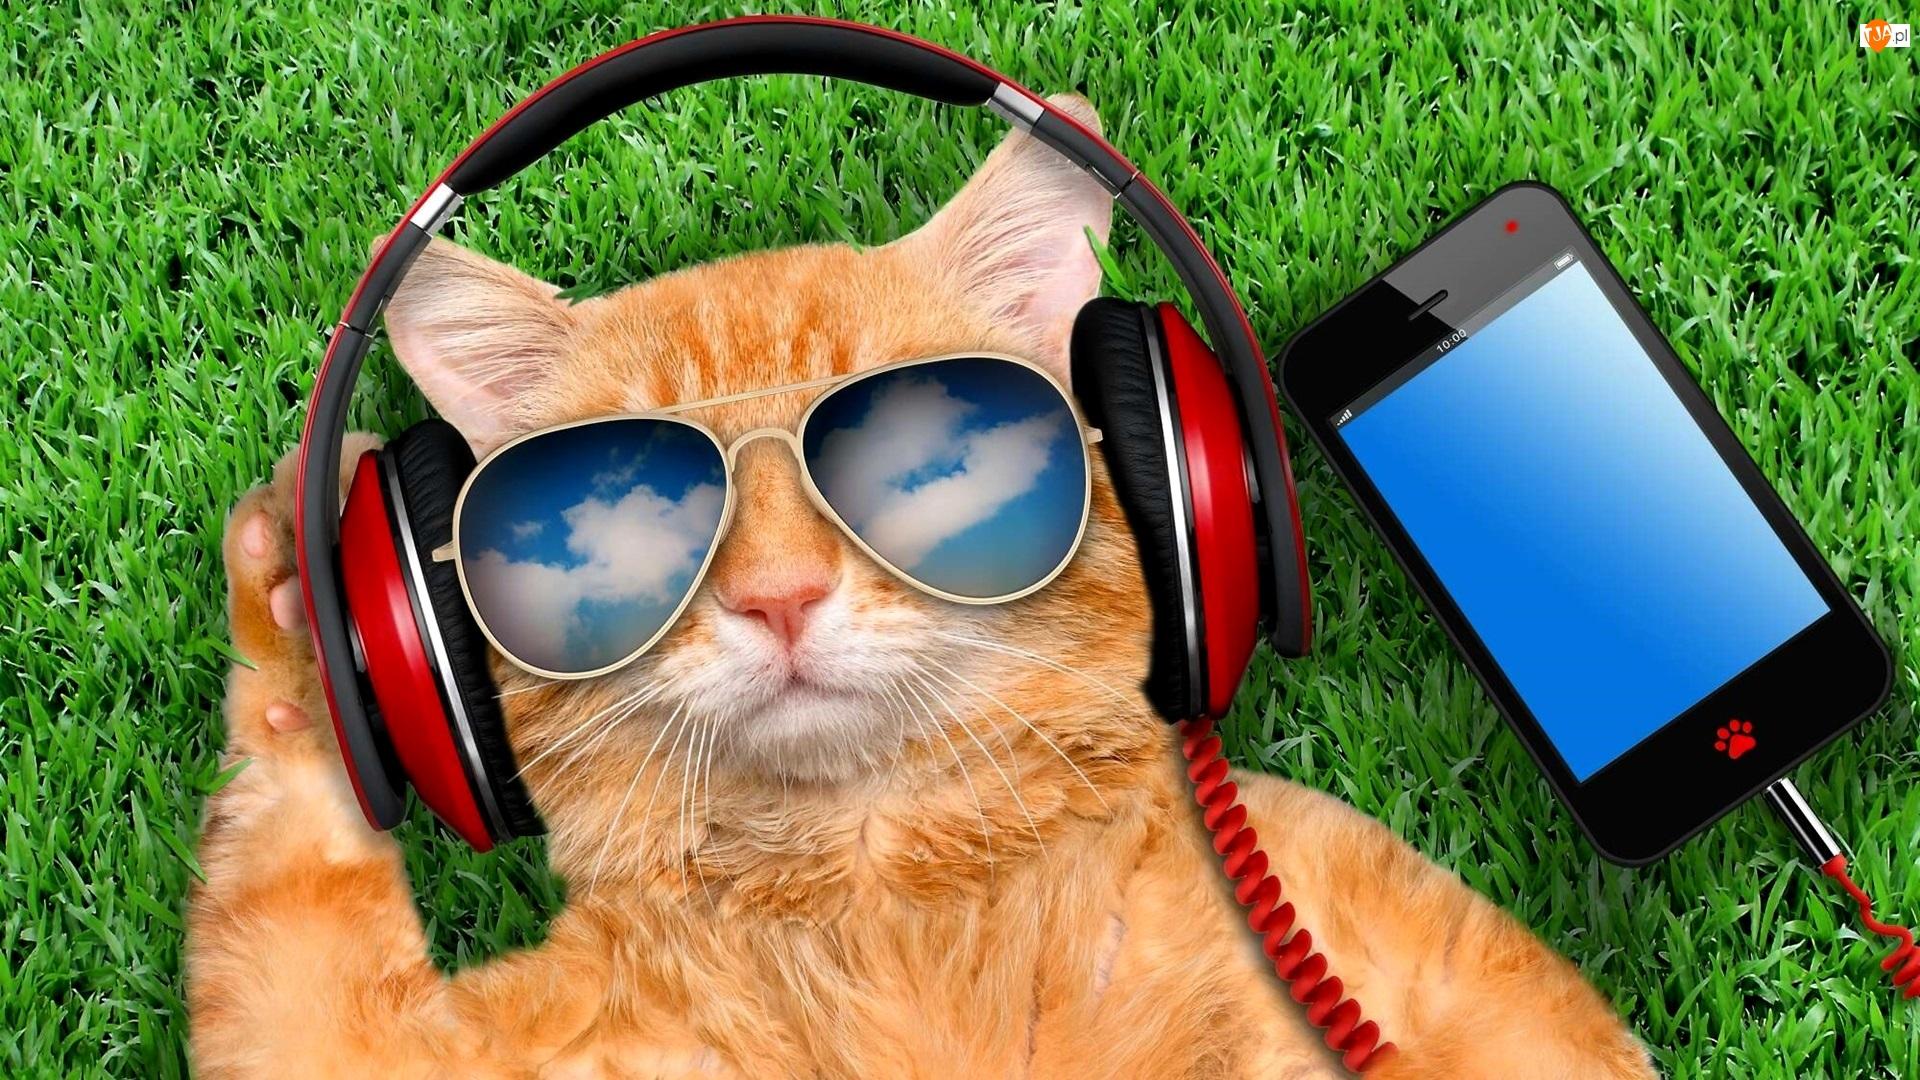 Okulary, Trawa, Kot, Śmieszne, Słuchawki, Telefon